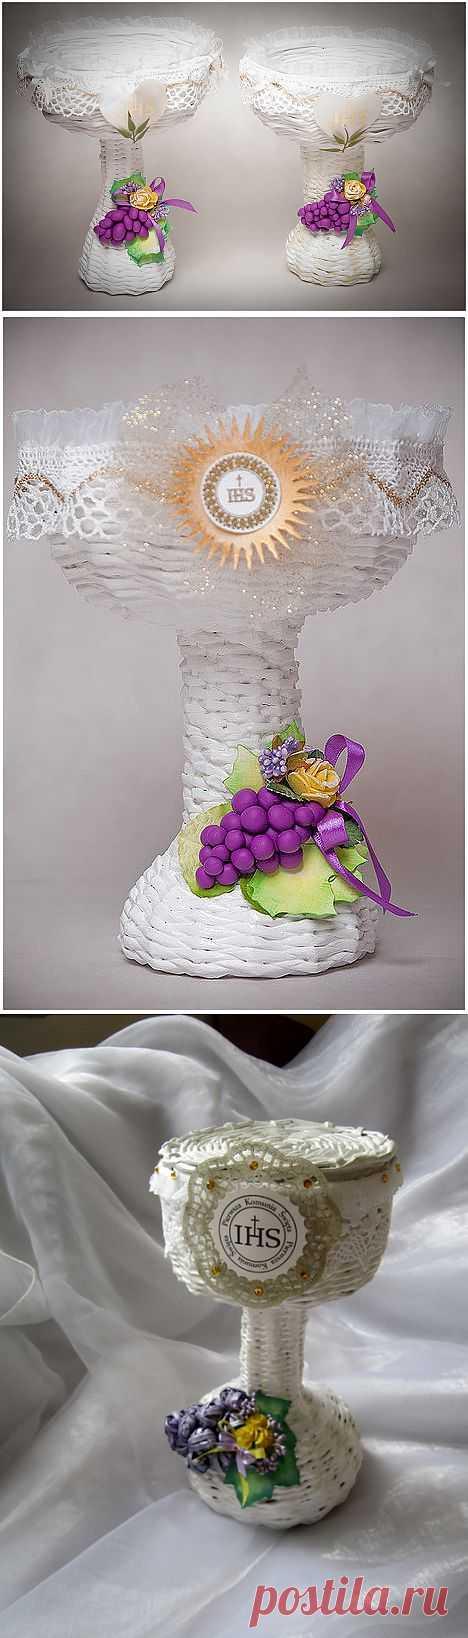 Плетение из газет. ЗАМЕЧАТЕЛЬНАЯ ВАЗОЧКА с виноградом